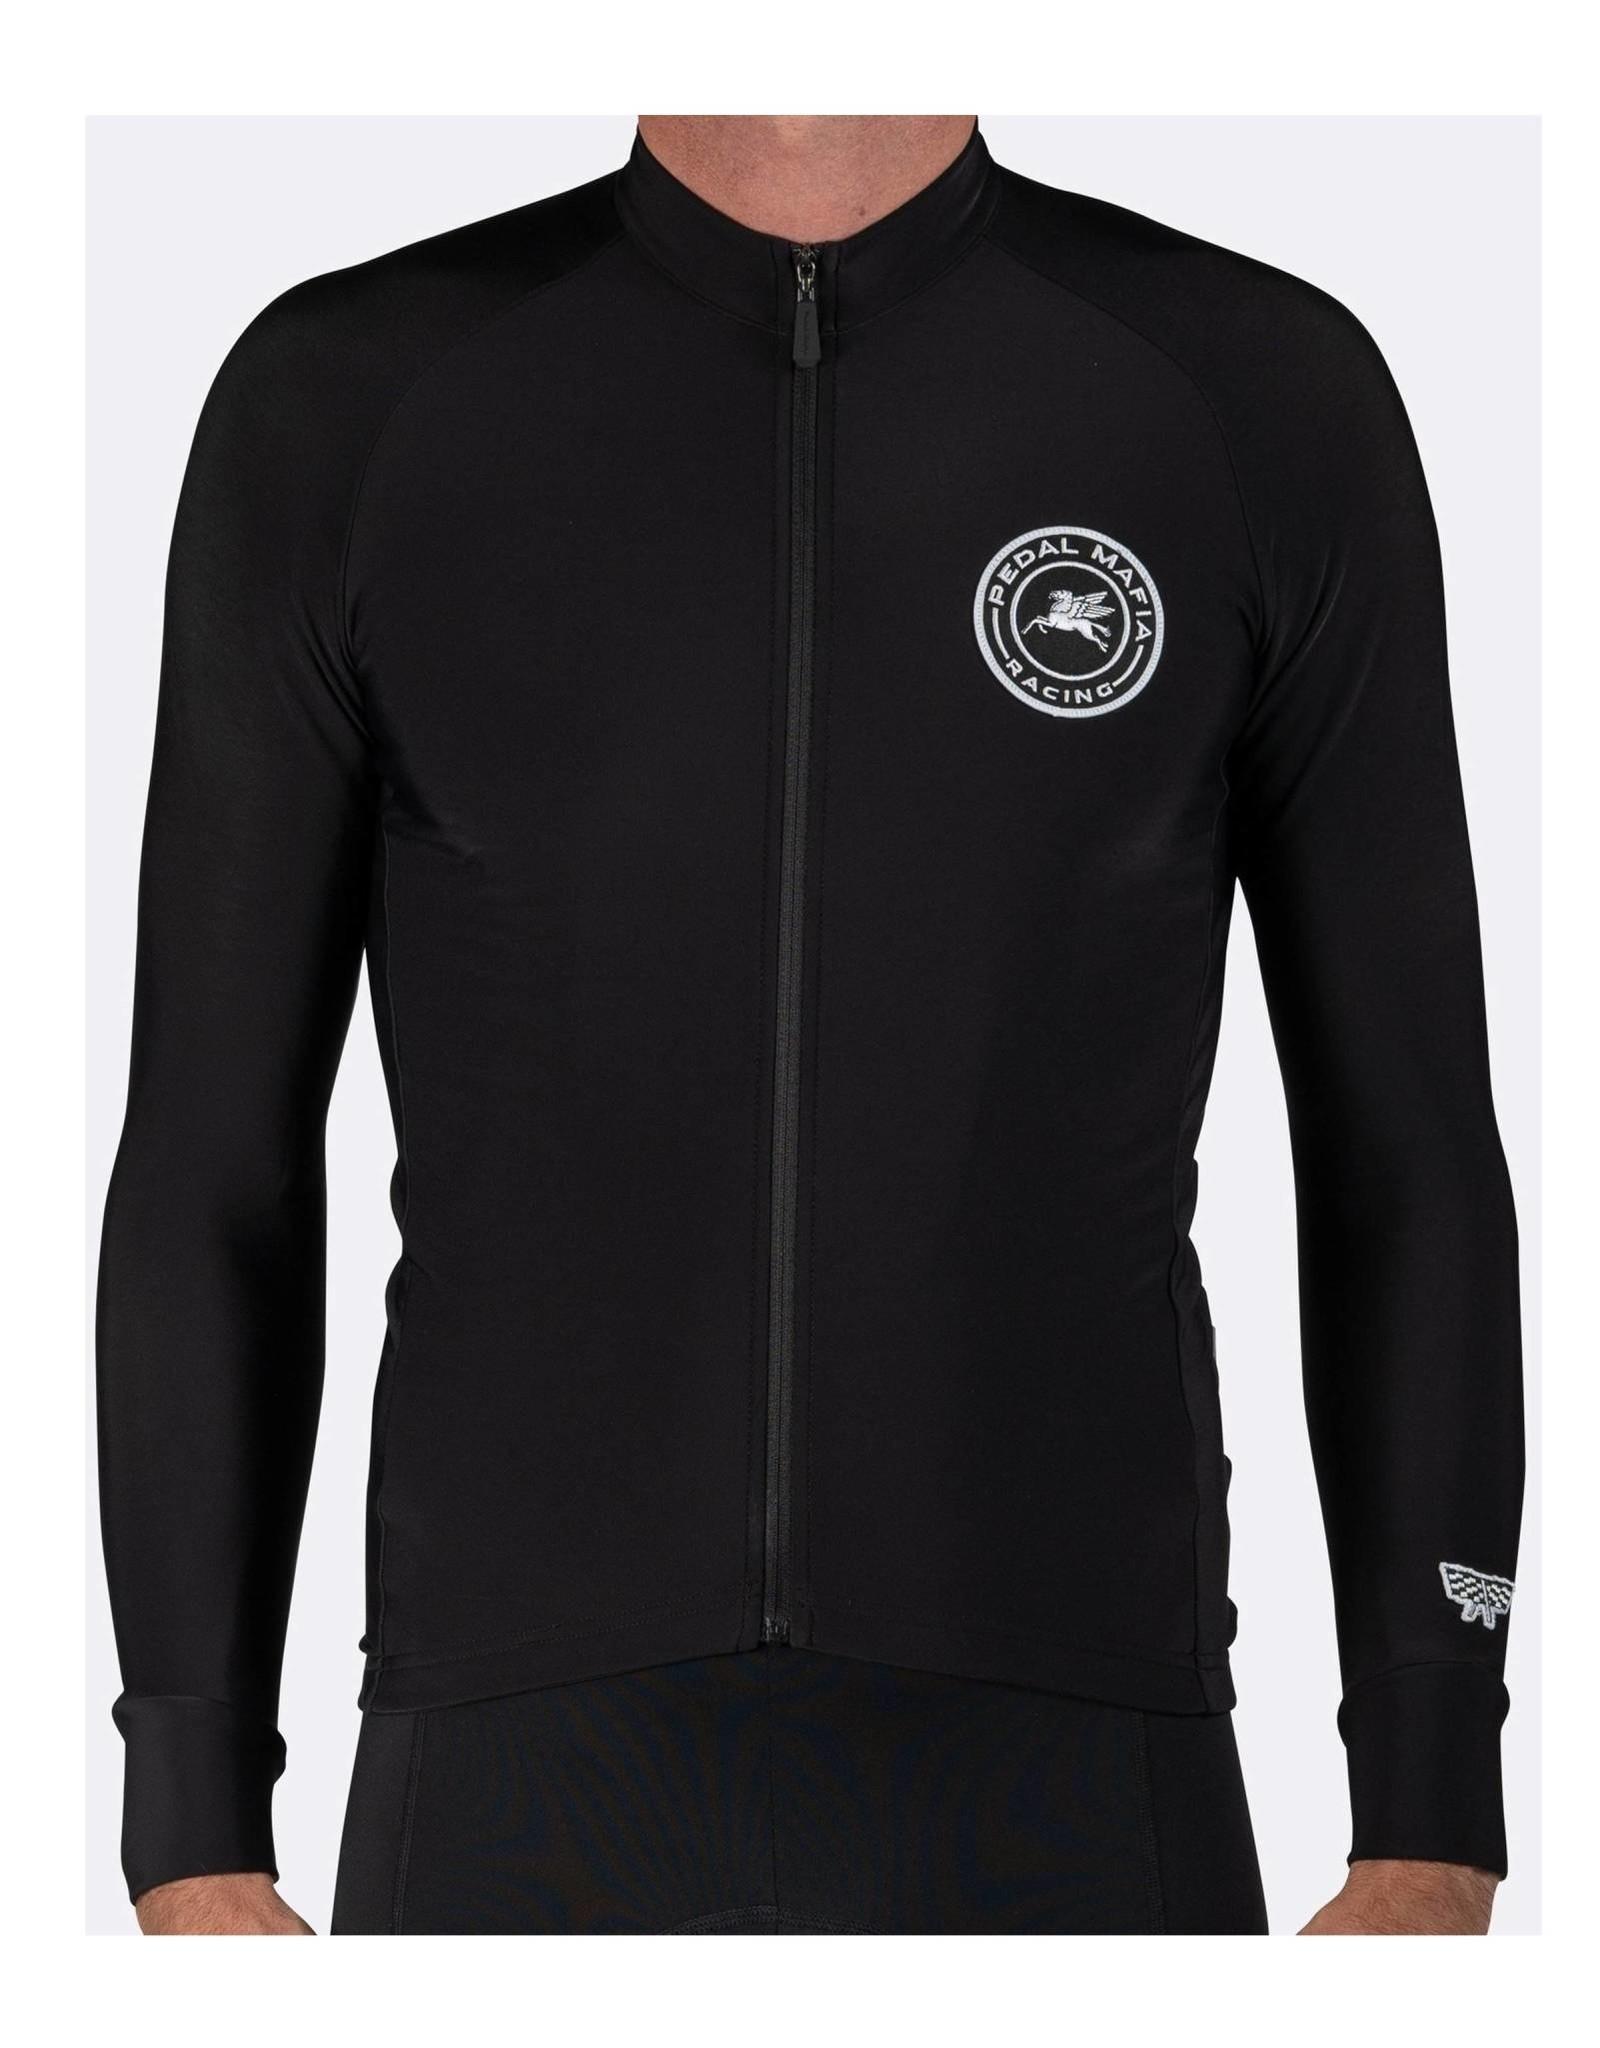 Pedal Mafia Pegasus Thermal Jacket Black